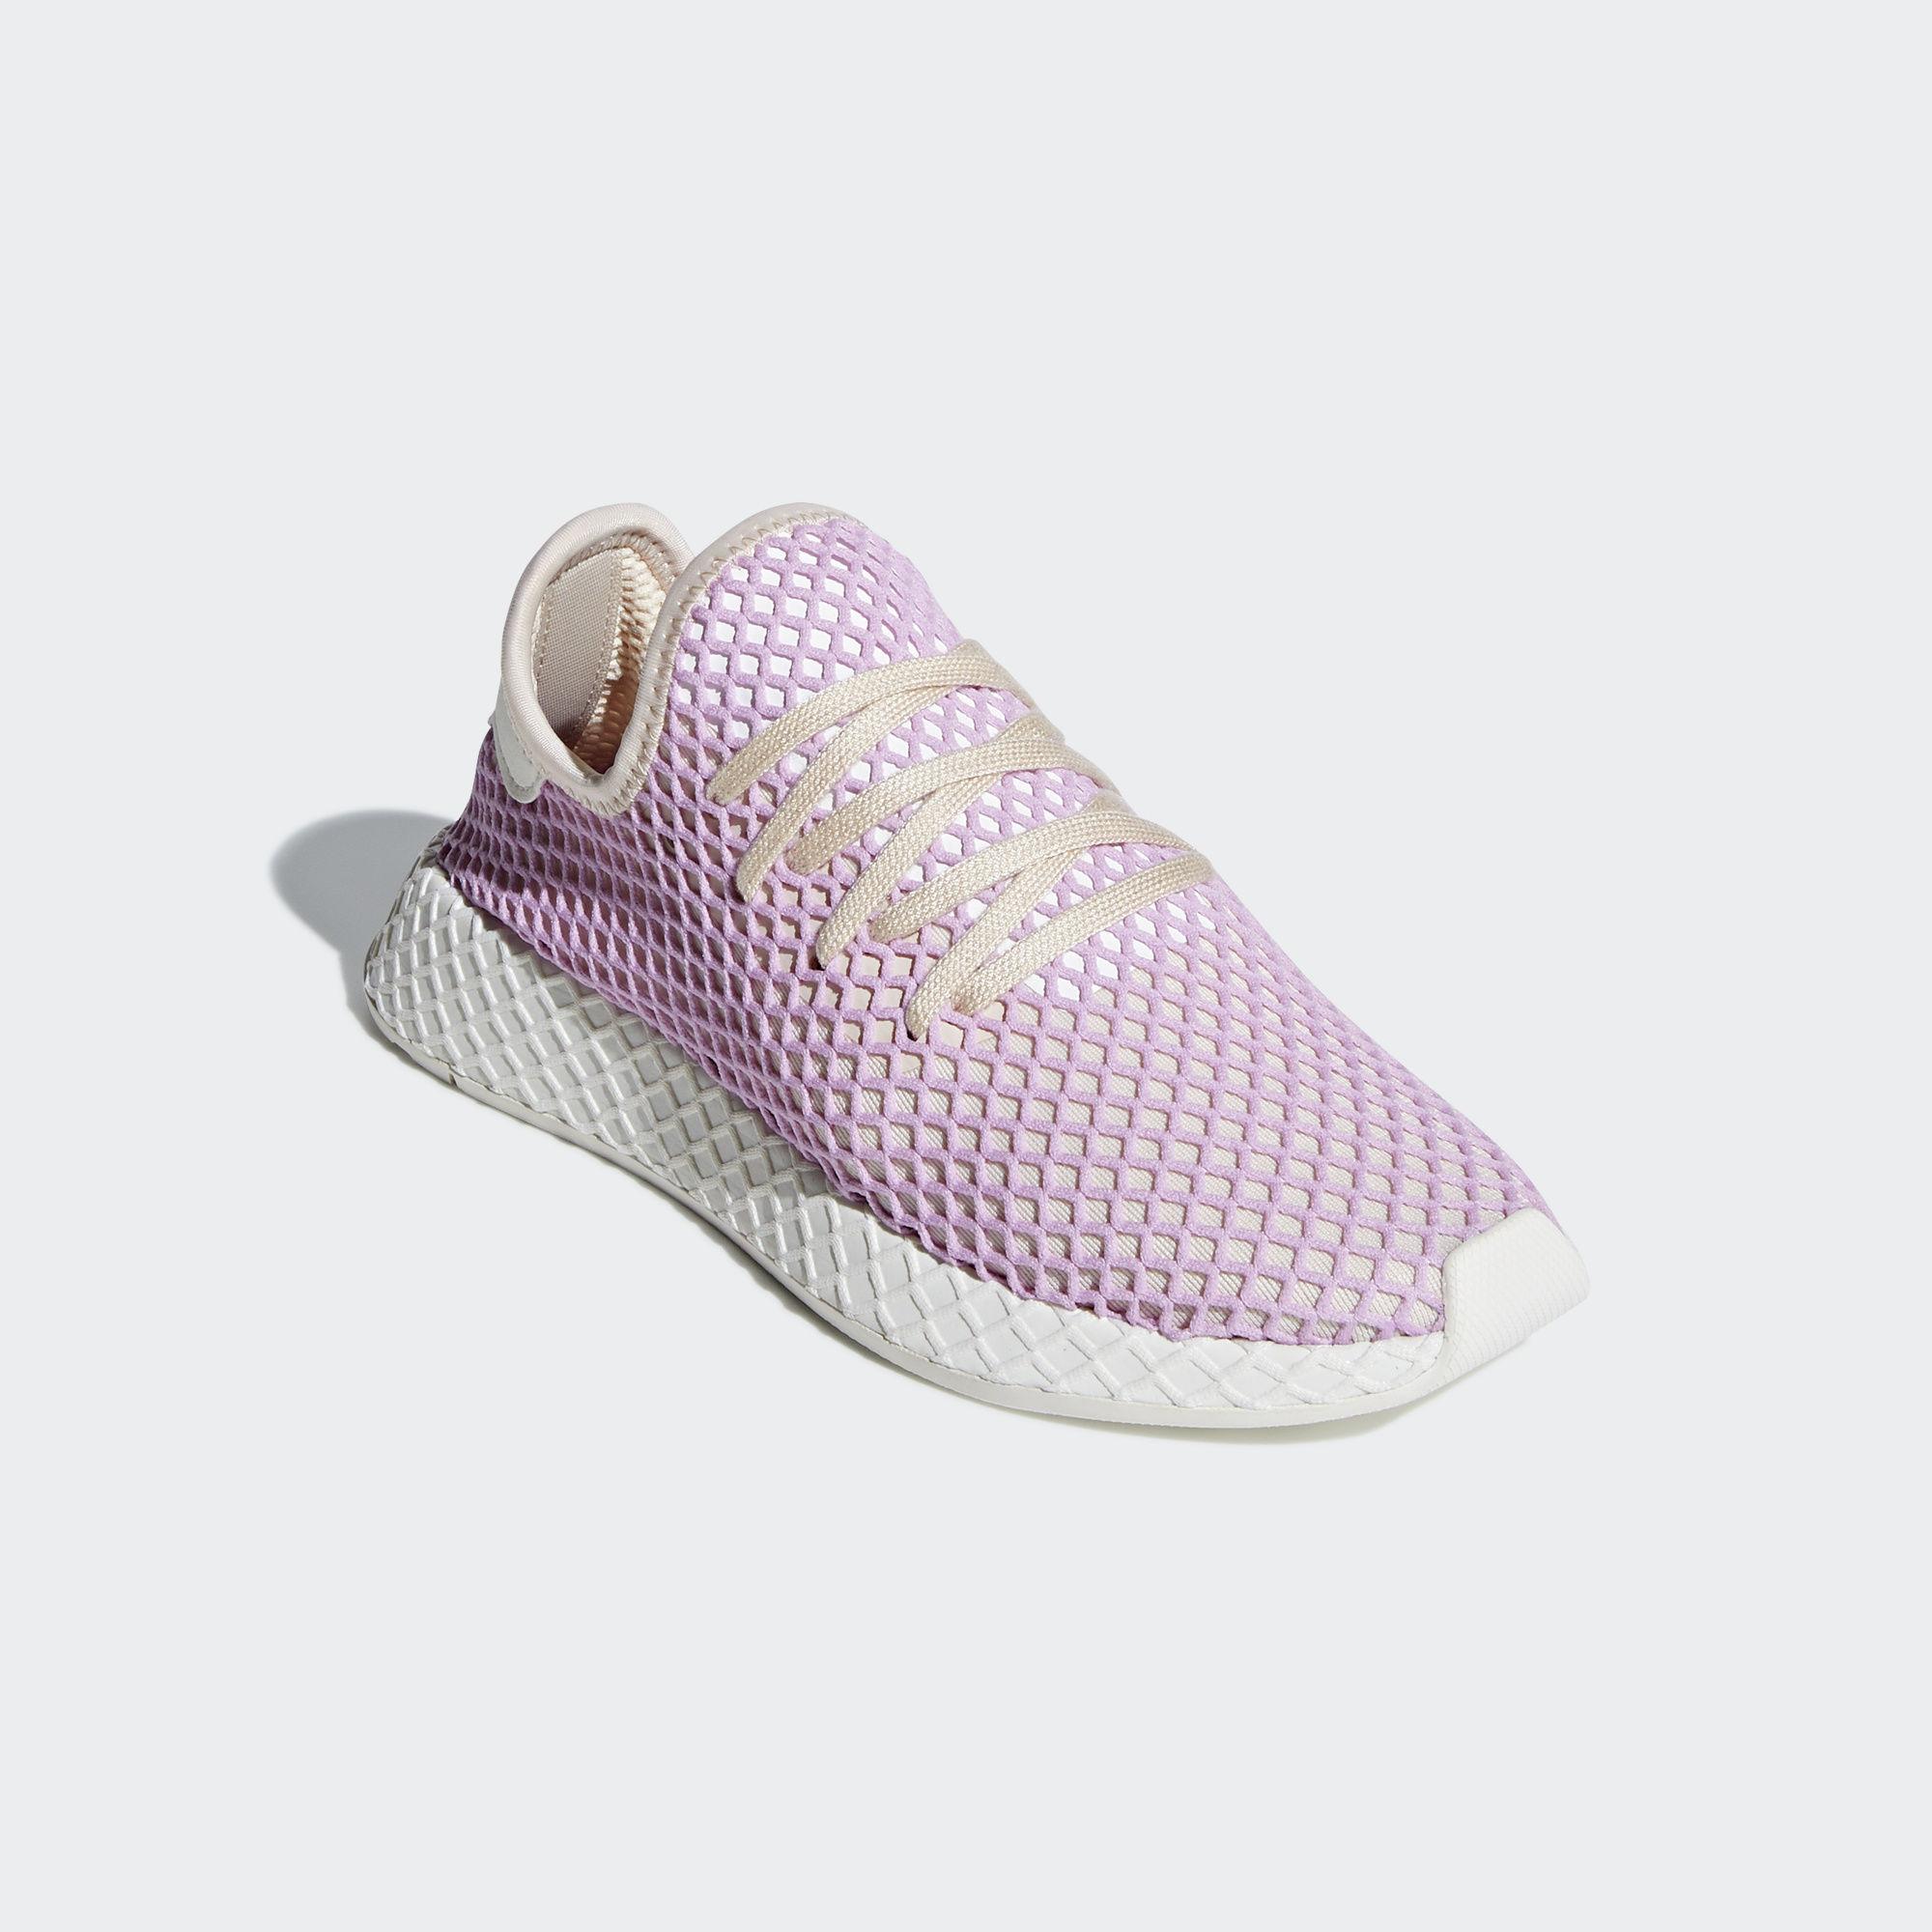 Adidas Deerupt Runner B37600